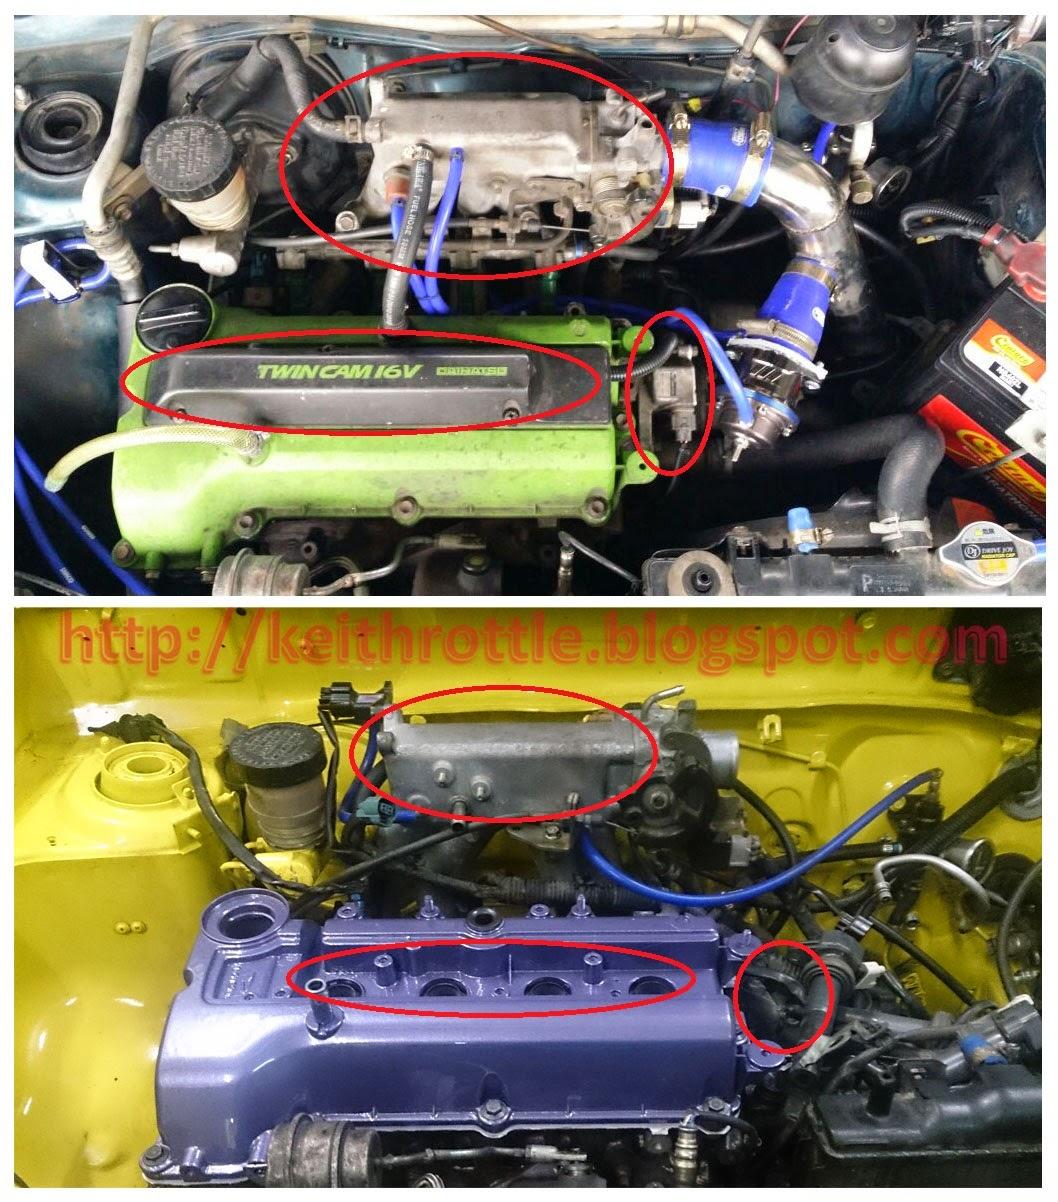 hight resolution of jb jl vs jb det daihatsu engine comparison